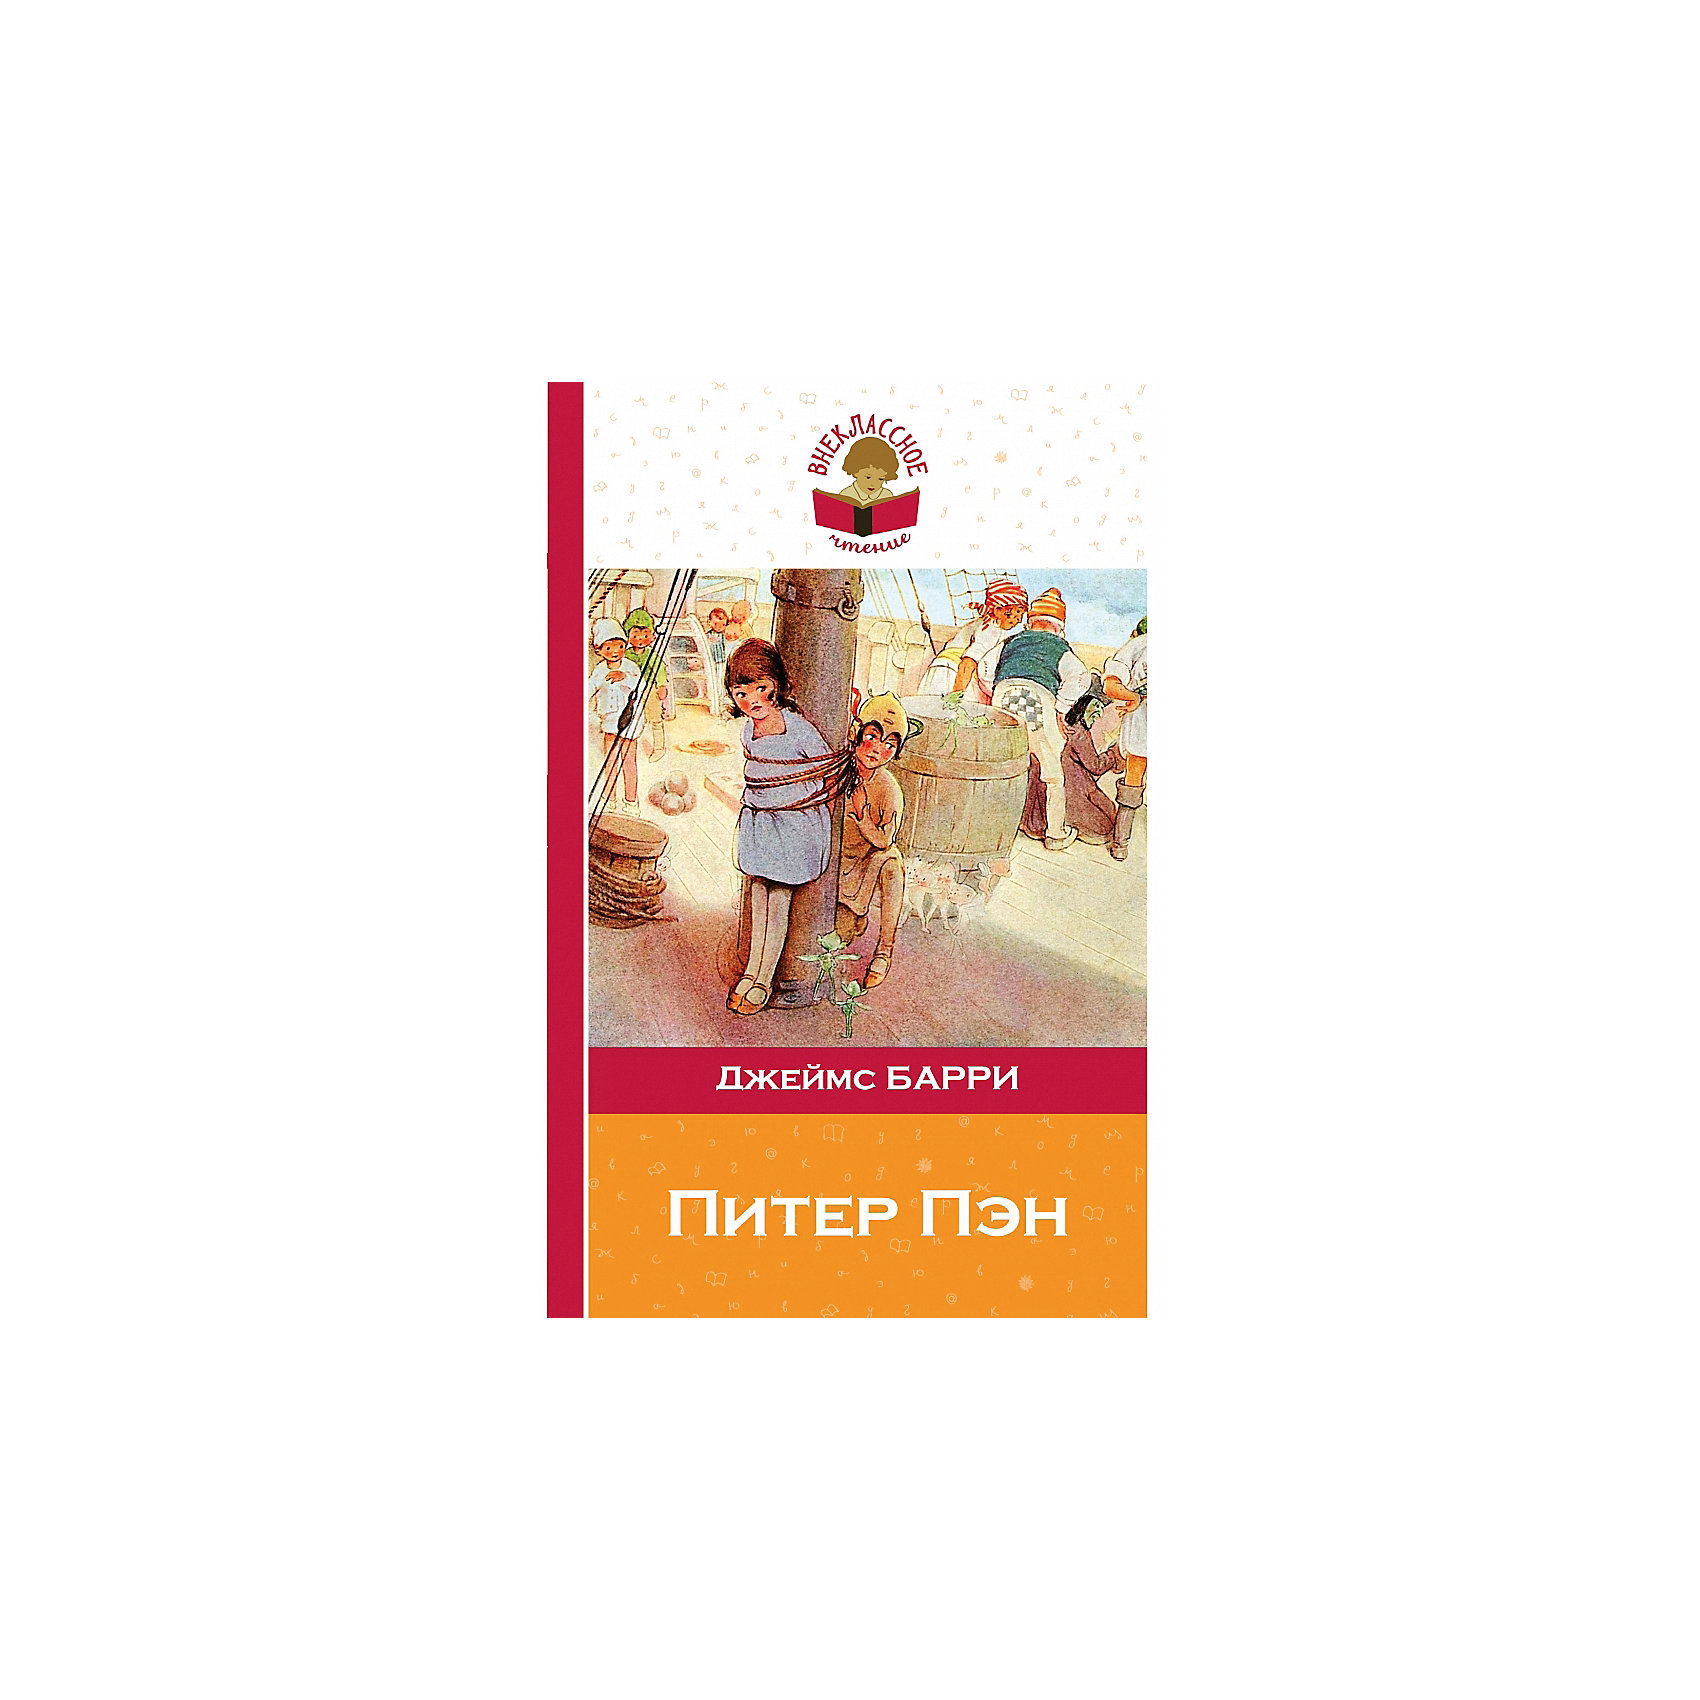 Питер Пэн, Д. БарриЗарубежные сказки<br>Характеристики товара: <br><br>• ISBN: 9785699814183<br>• возраст от: 10 лет<br>• формат: 84x108/32<br>• бумага: офсет<br>• обложка: твердая<br>• иллюстрации: нет<br>• серия: Внеклассное чтение<br>• издательство: Эксмо<br>• автор: Барри Джеймс Мэтью<br>• переводчик: Токмакова И.<br>• количество страниц: 192<br>• размеры: 20x13 см<br><br>Сказка «Питер Пэн» рассказывает детям увлекательную волшебную историю о приключениях детей в волшебной стране.<br><br>Отличное качество издания, интересное изложение, увлекательный сюжет - всё это поможет ощутить атмосферу волшебства и приключений.<br><br>Книгу «Питер Пэн» можно купить в нашем интернет-магазине.<br><br>Ширина мм: 200<br>Глубина мм: 125<br>Высота мм: 180<br>Вес г: 222<br>Возраст от месяцев: 144<br>Возраст до месяцев: 2147483647<br>Пол: Унисекс<br>Возраст: Детский<br>SKU: 5535433